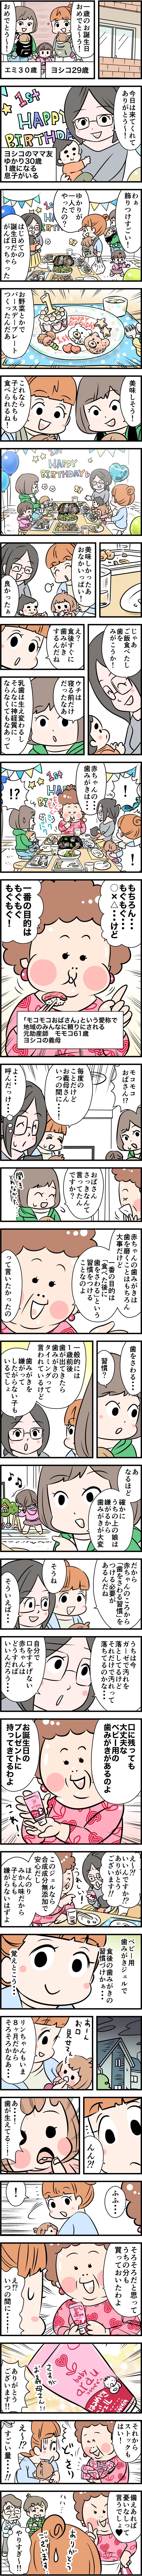 赤ちゃんの歯みがきで「みがくこと」よりも大切なこと <モコモコおばさんの耳より情報 vol.4>の画像1